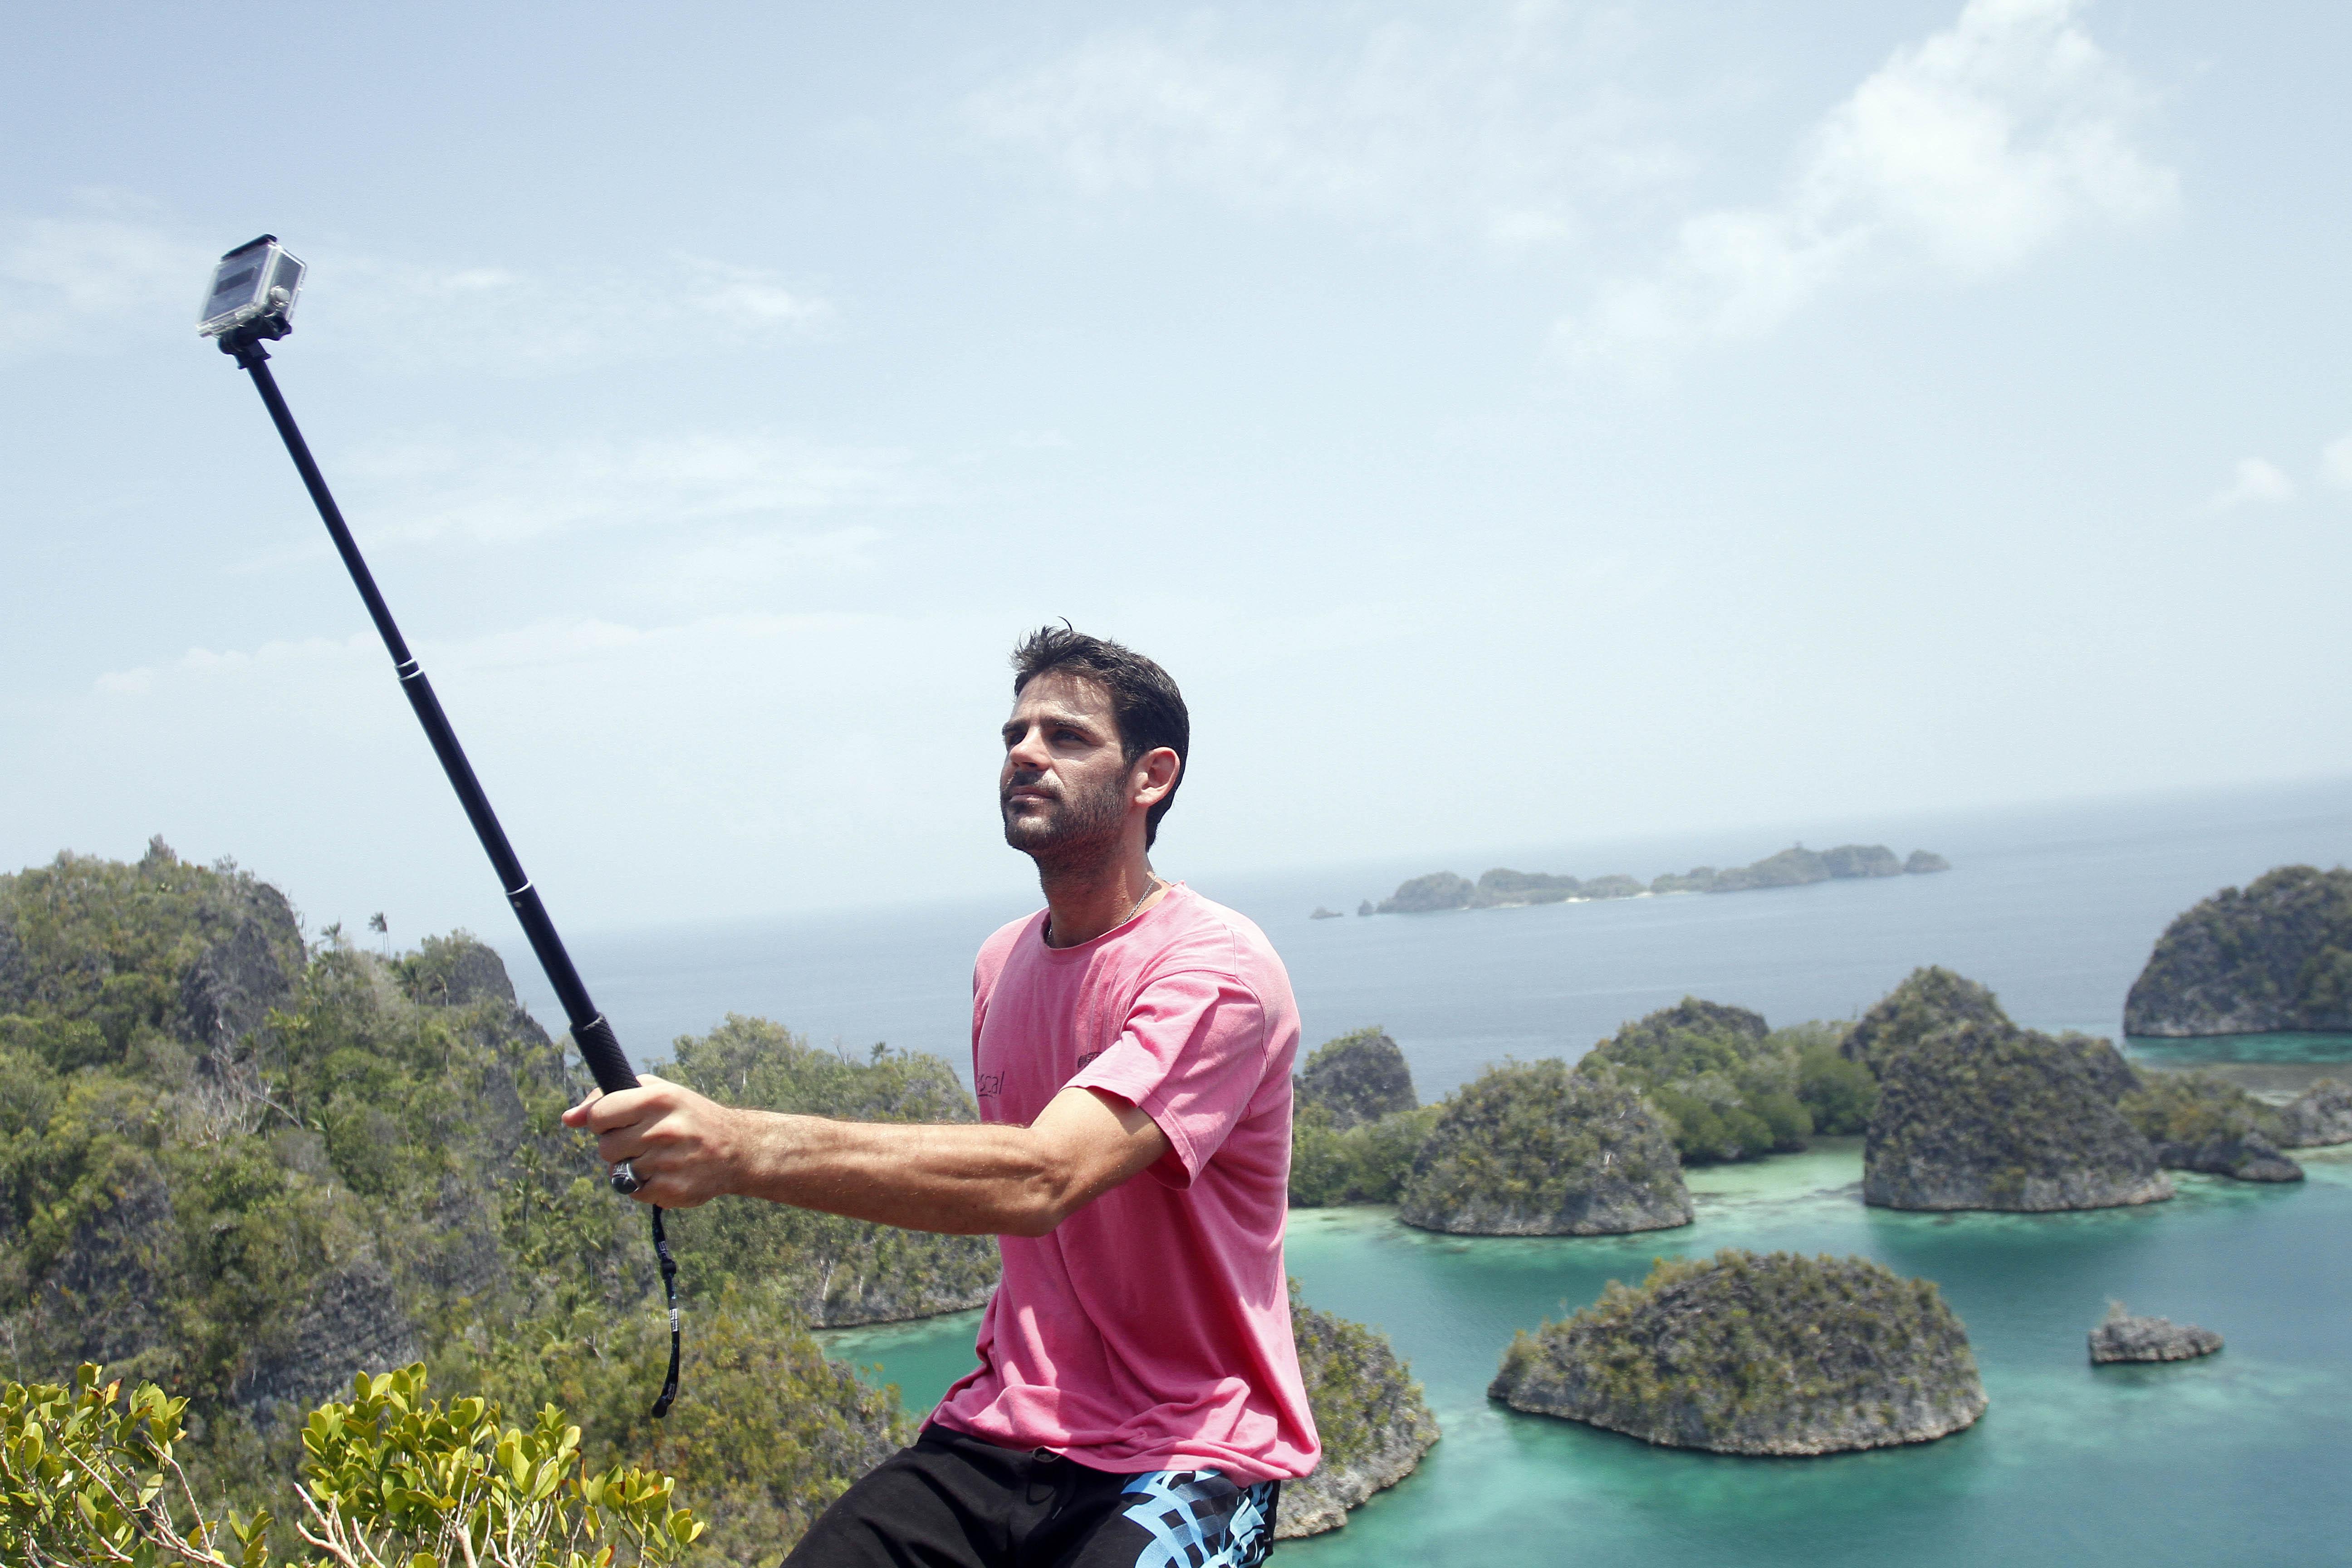 Seorang wisatawan mancanegara berfoto diri dengan latar belakang pemandangan di Pianemo, Raja Ampat, Papua Barat, Senin (2/11). Untuk menempuh jalan menuju lokasi tersebut dari Waigeo di Waisai (Ibu Kota Kabupaten Raja Ampat) adalah dua jam perjalanan, dengan menyewa 'speed boat' seharga Rp 5 juta sehari. ANTARA FOTO/Regina Safri.